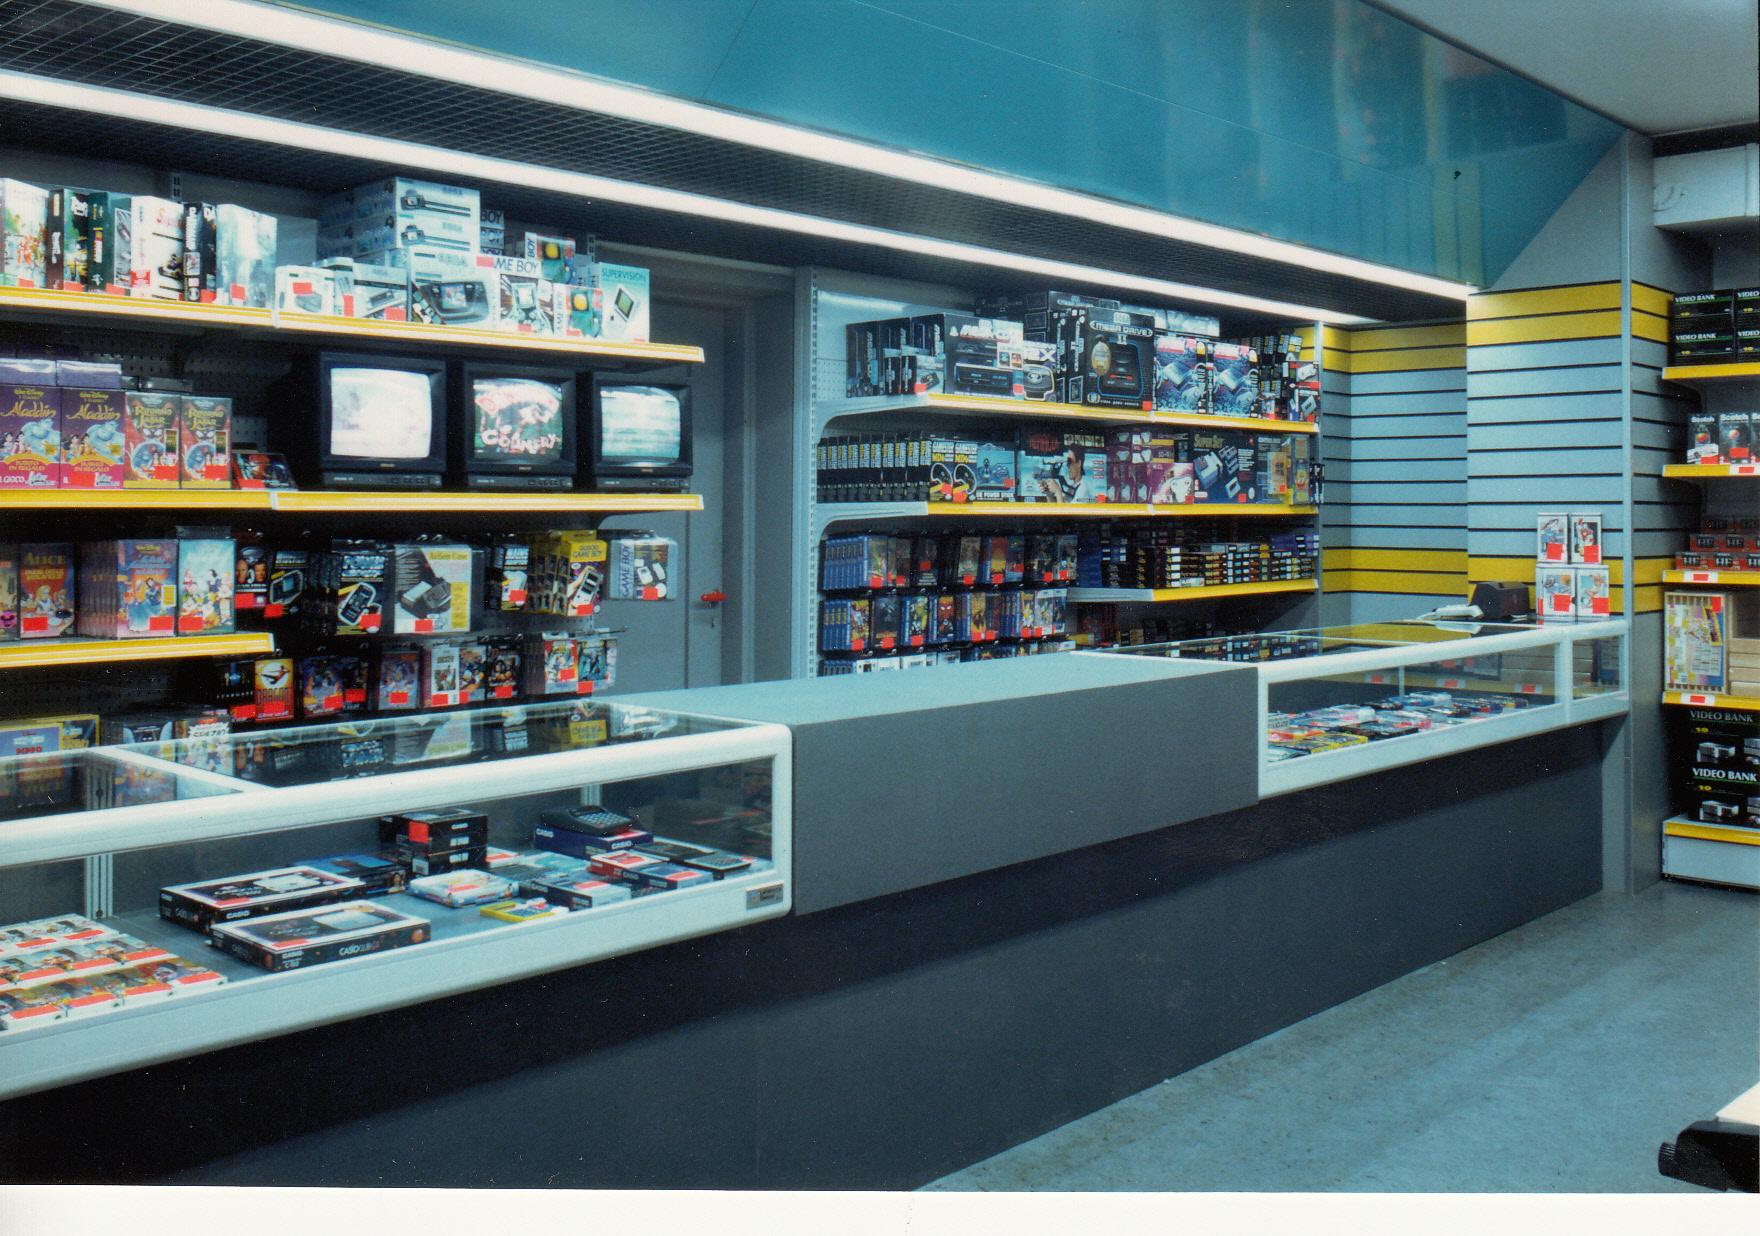 Il reparto elettronico del negozio di Via Romolo a Milano. La mia avventura da videogiocatore è nata qui...